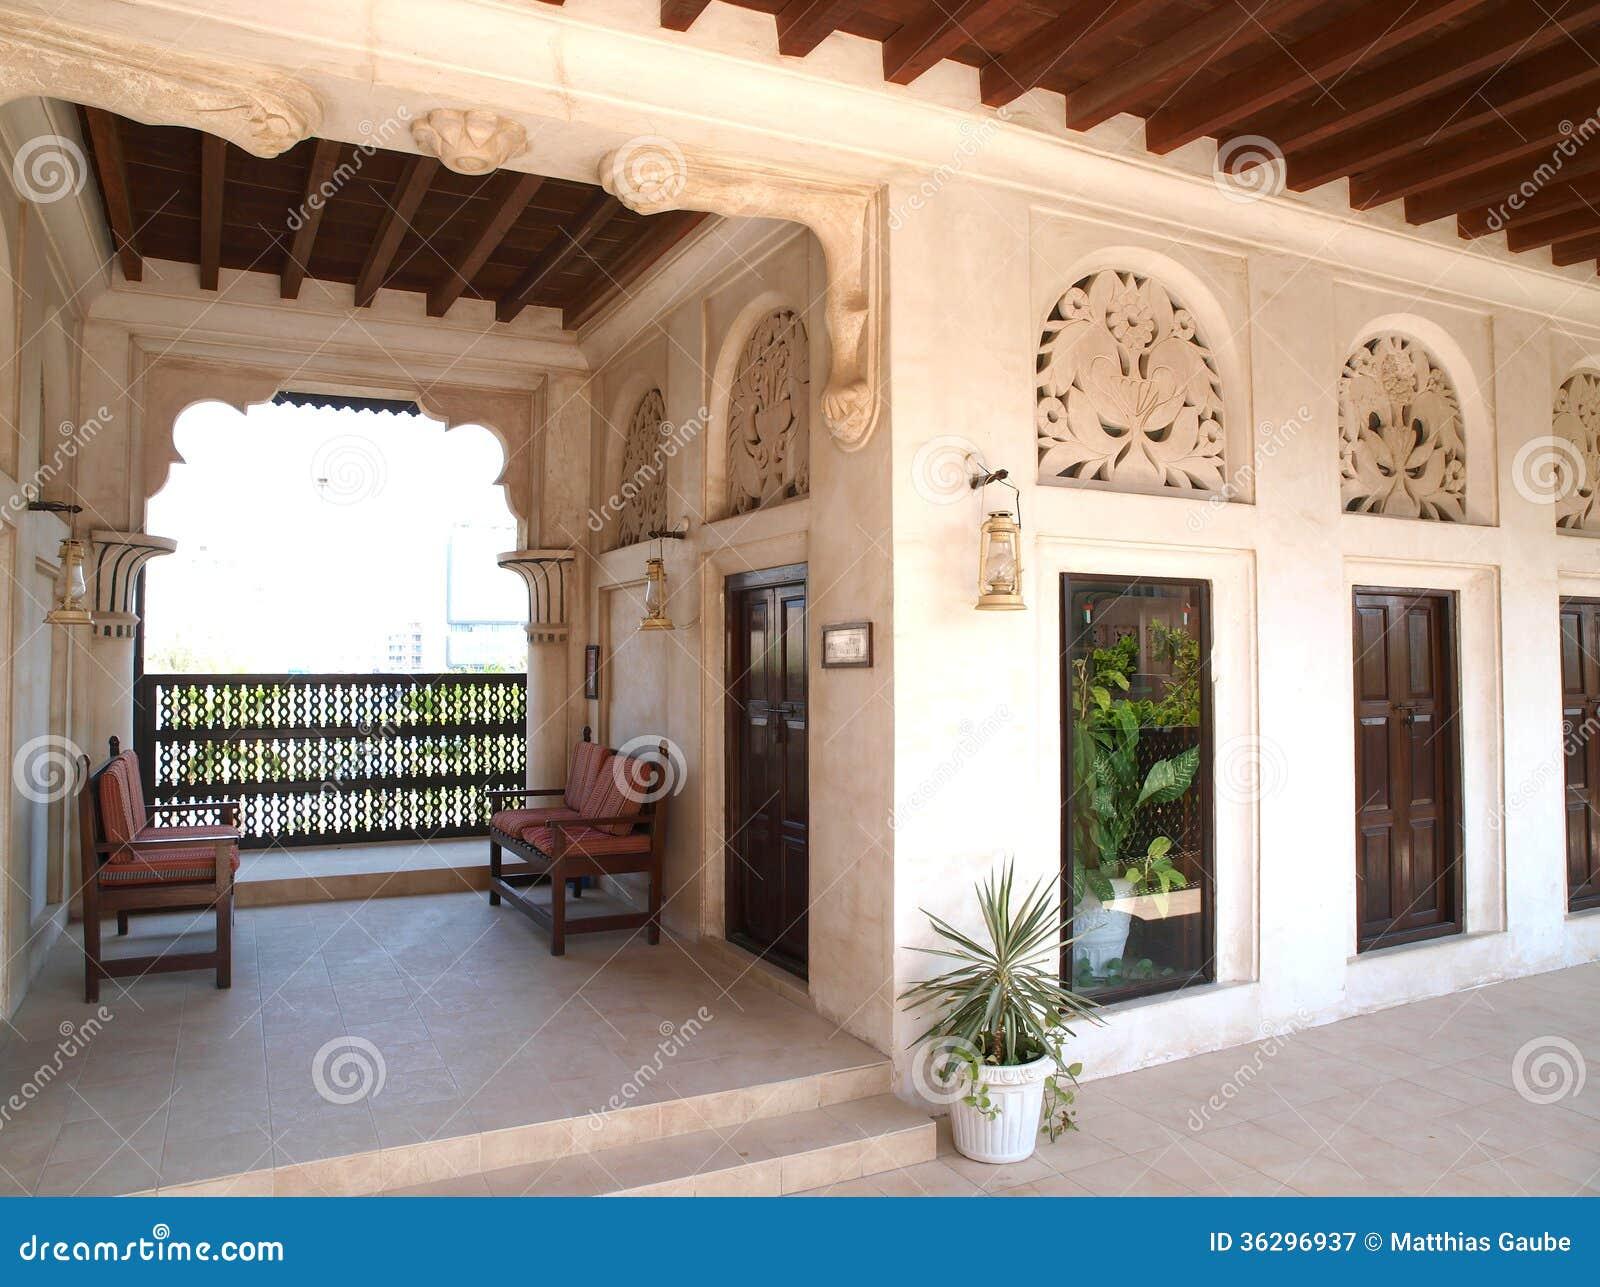 Maisons arabes traditionnelles chez the creek 1 for Architecture maison arabe